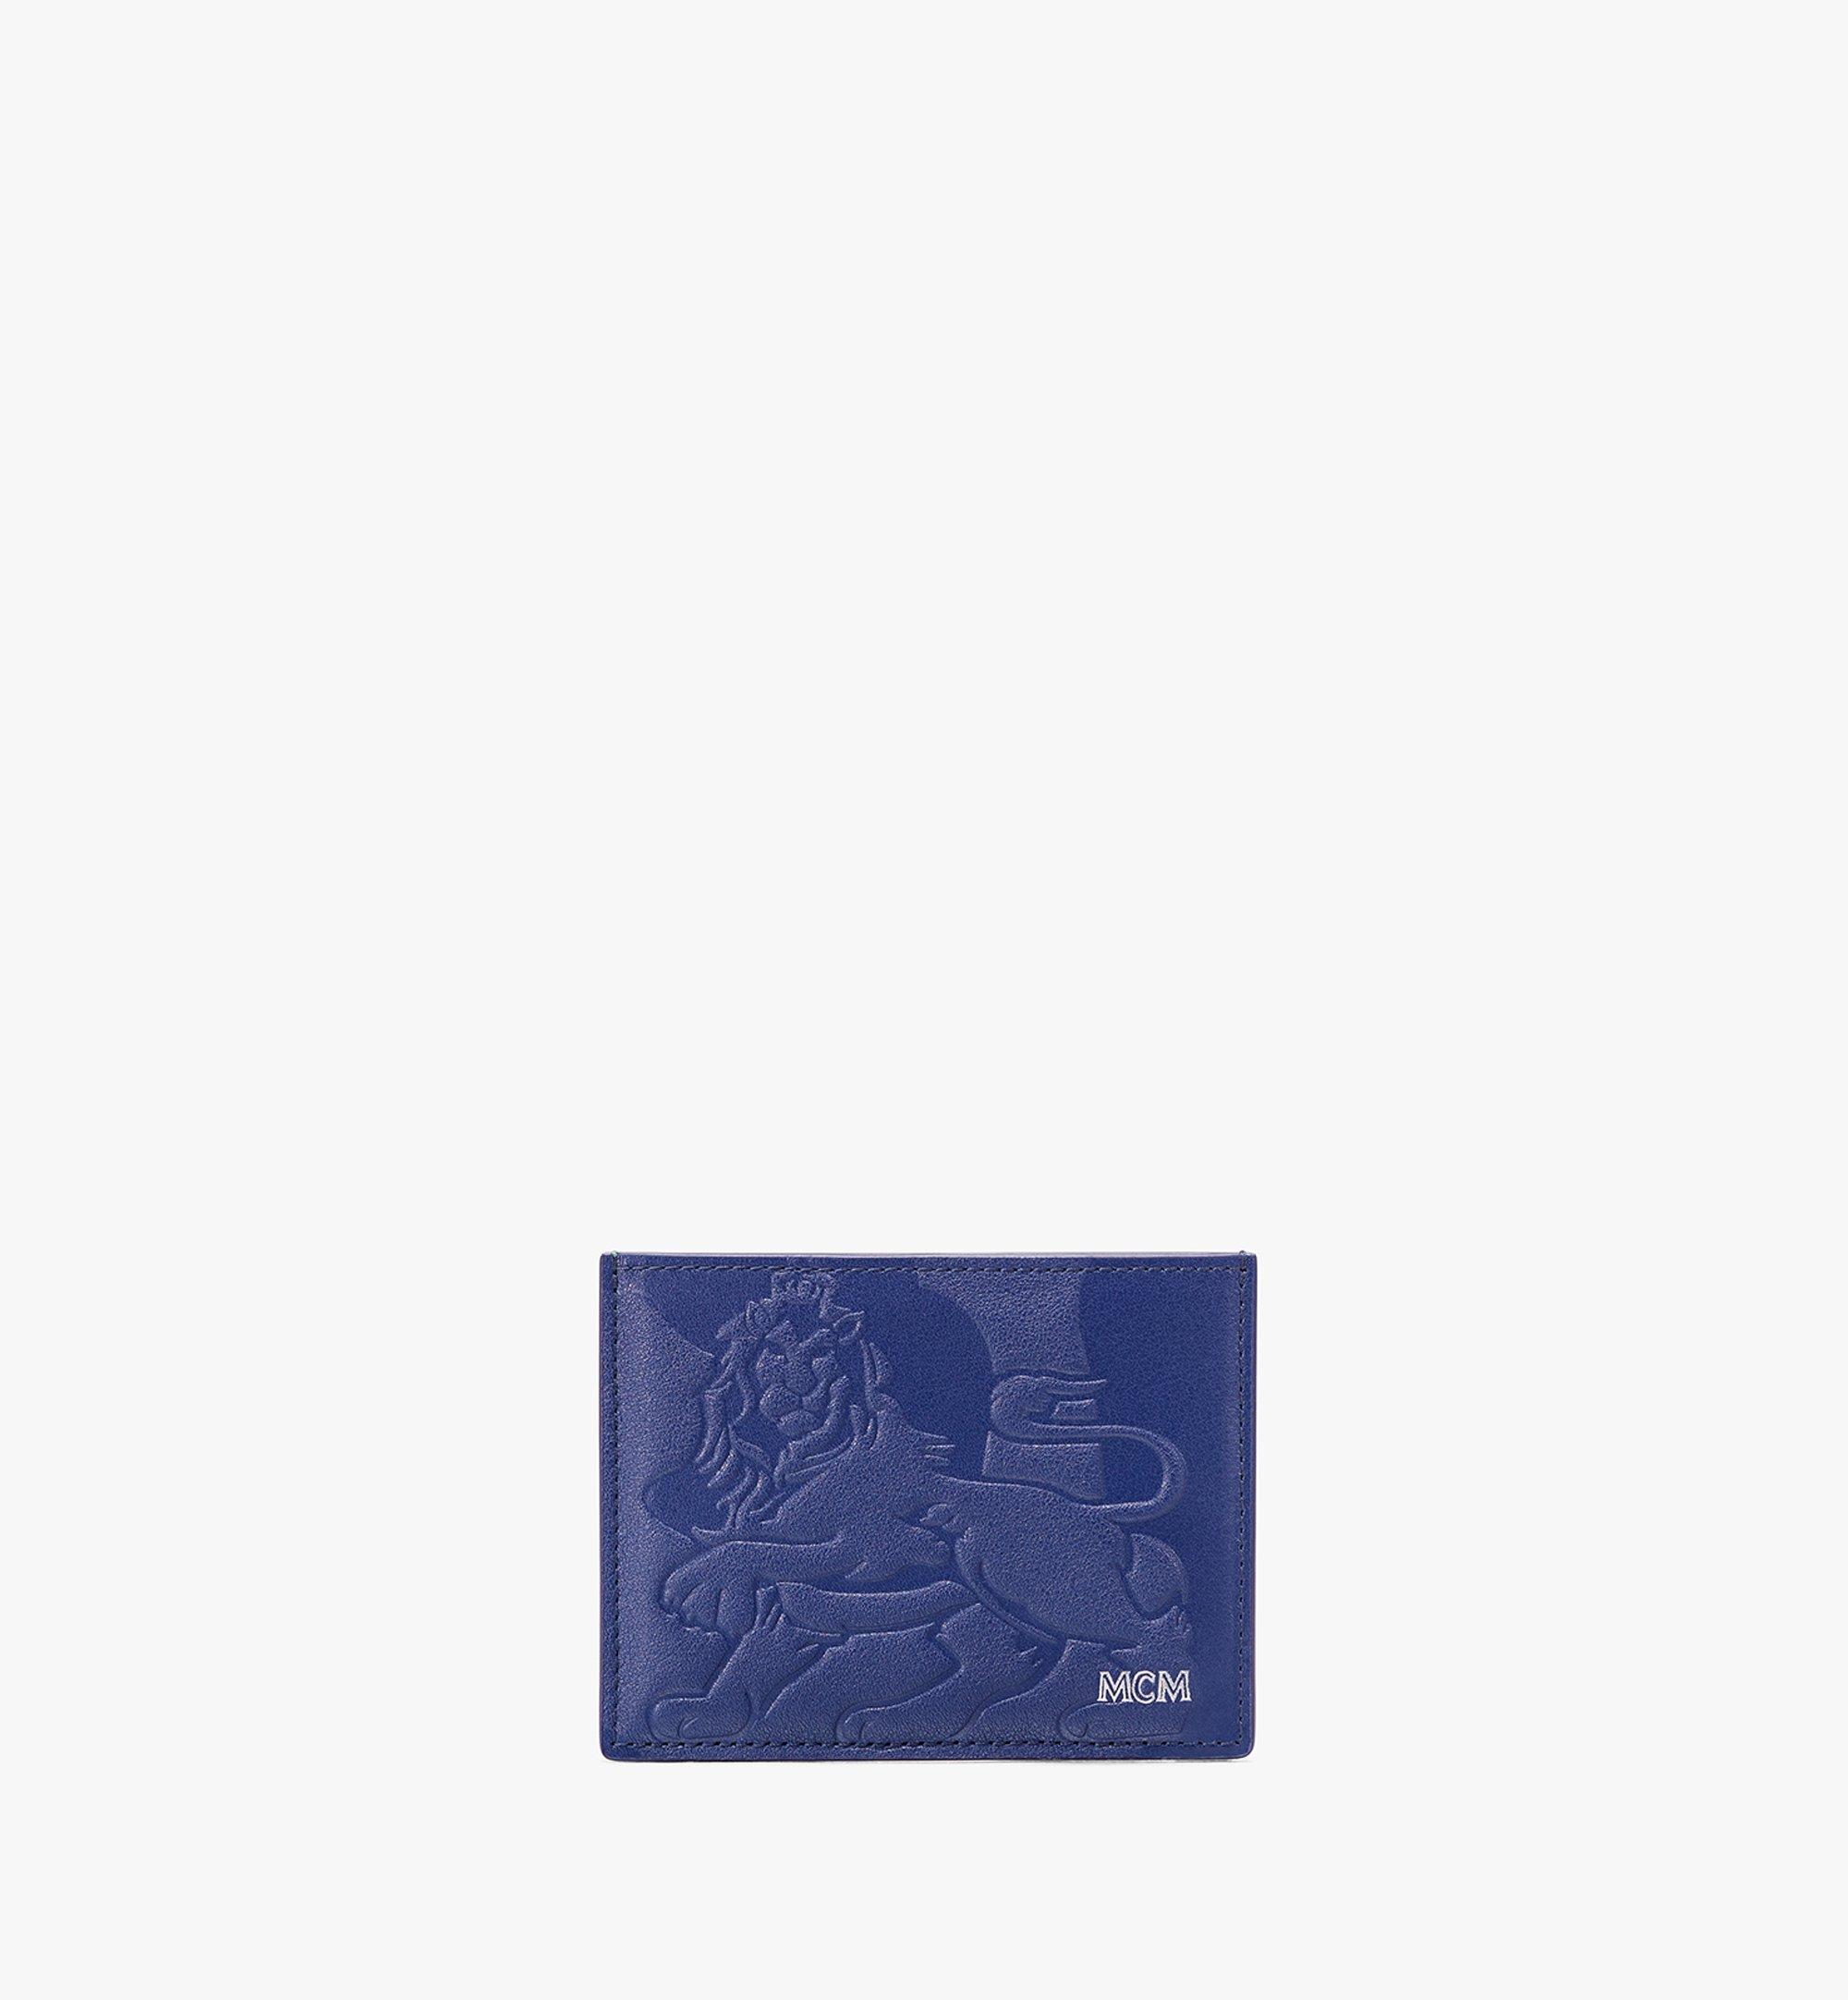 MCM Card Holder in Embossed Lion Camo Blue MXA9AES16VE001 Alternate View 1